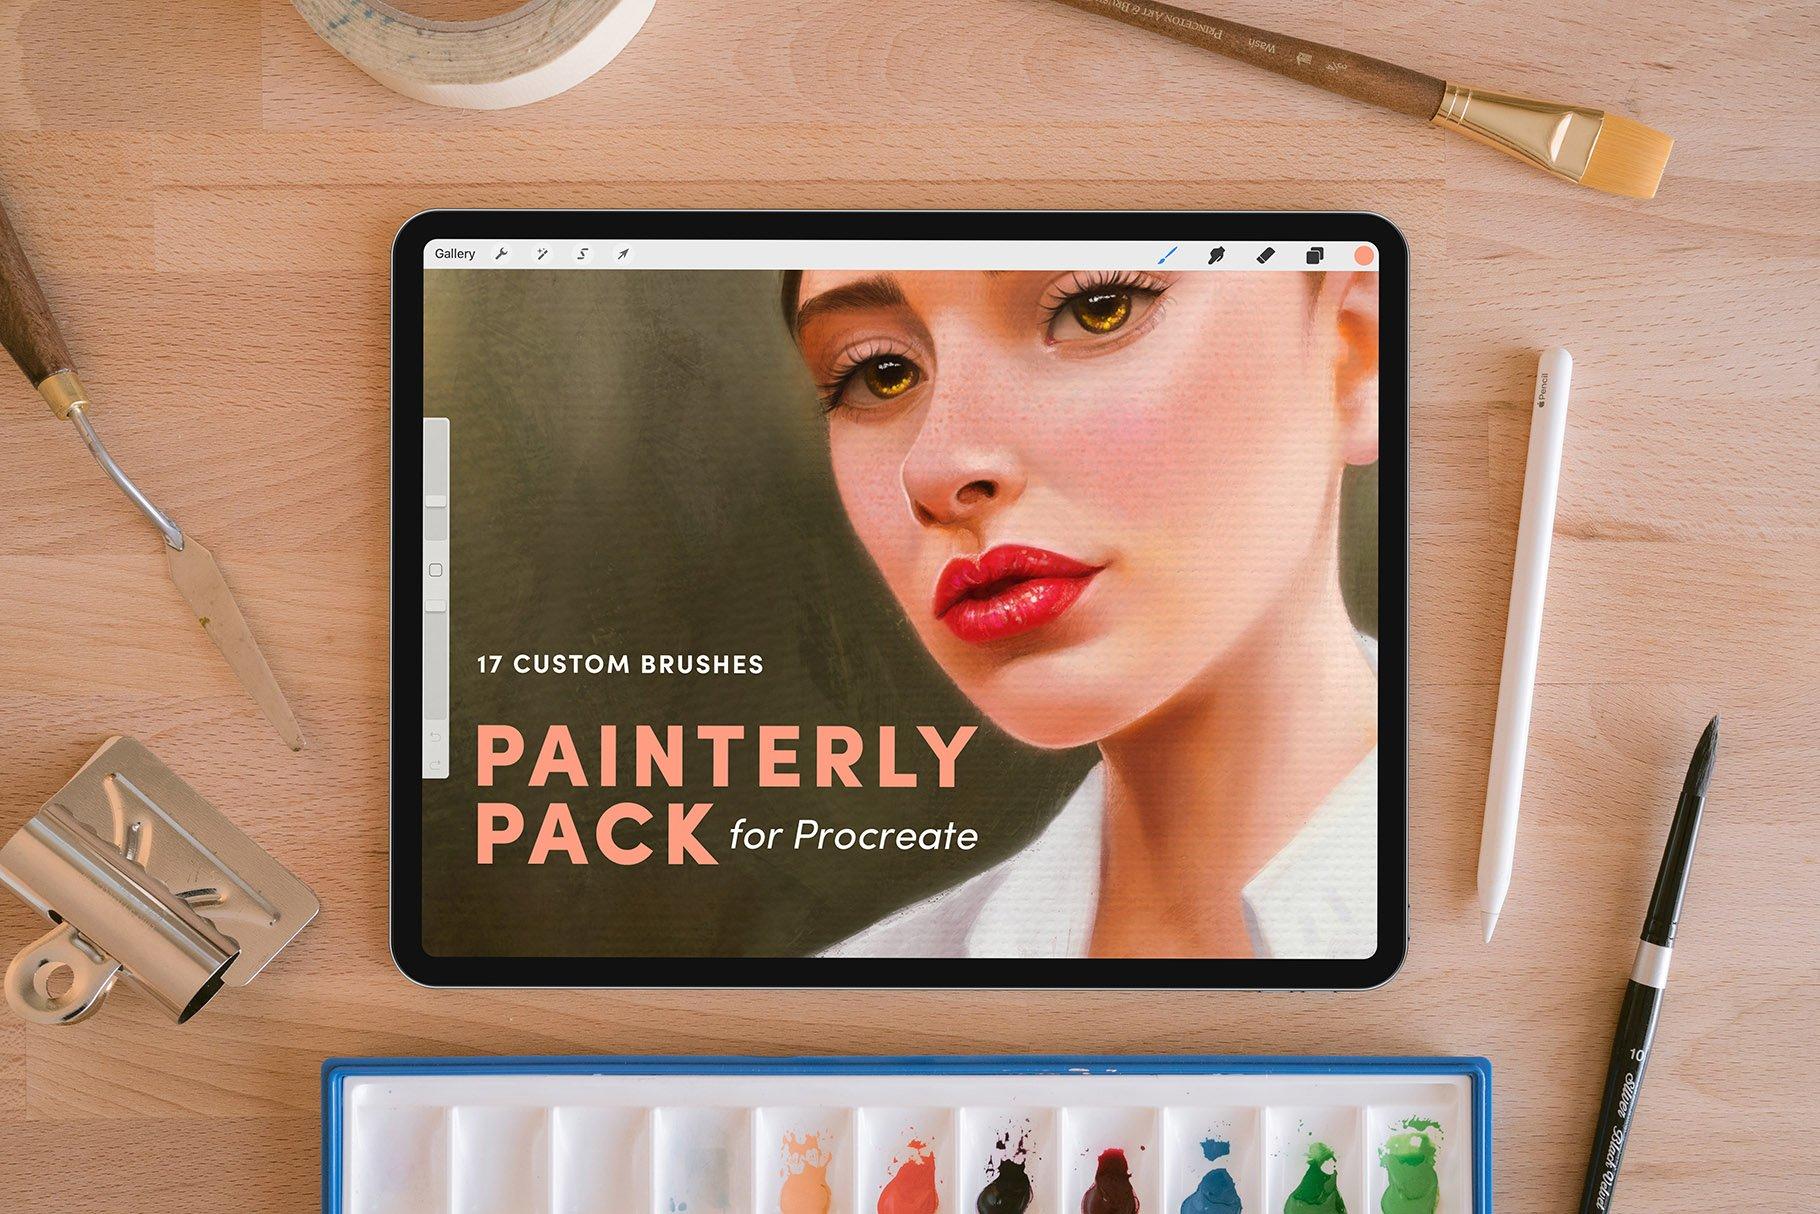 17款油画绘画效果画笔Procreate笔刷 Painterly Pack – Procreate Brushes插图